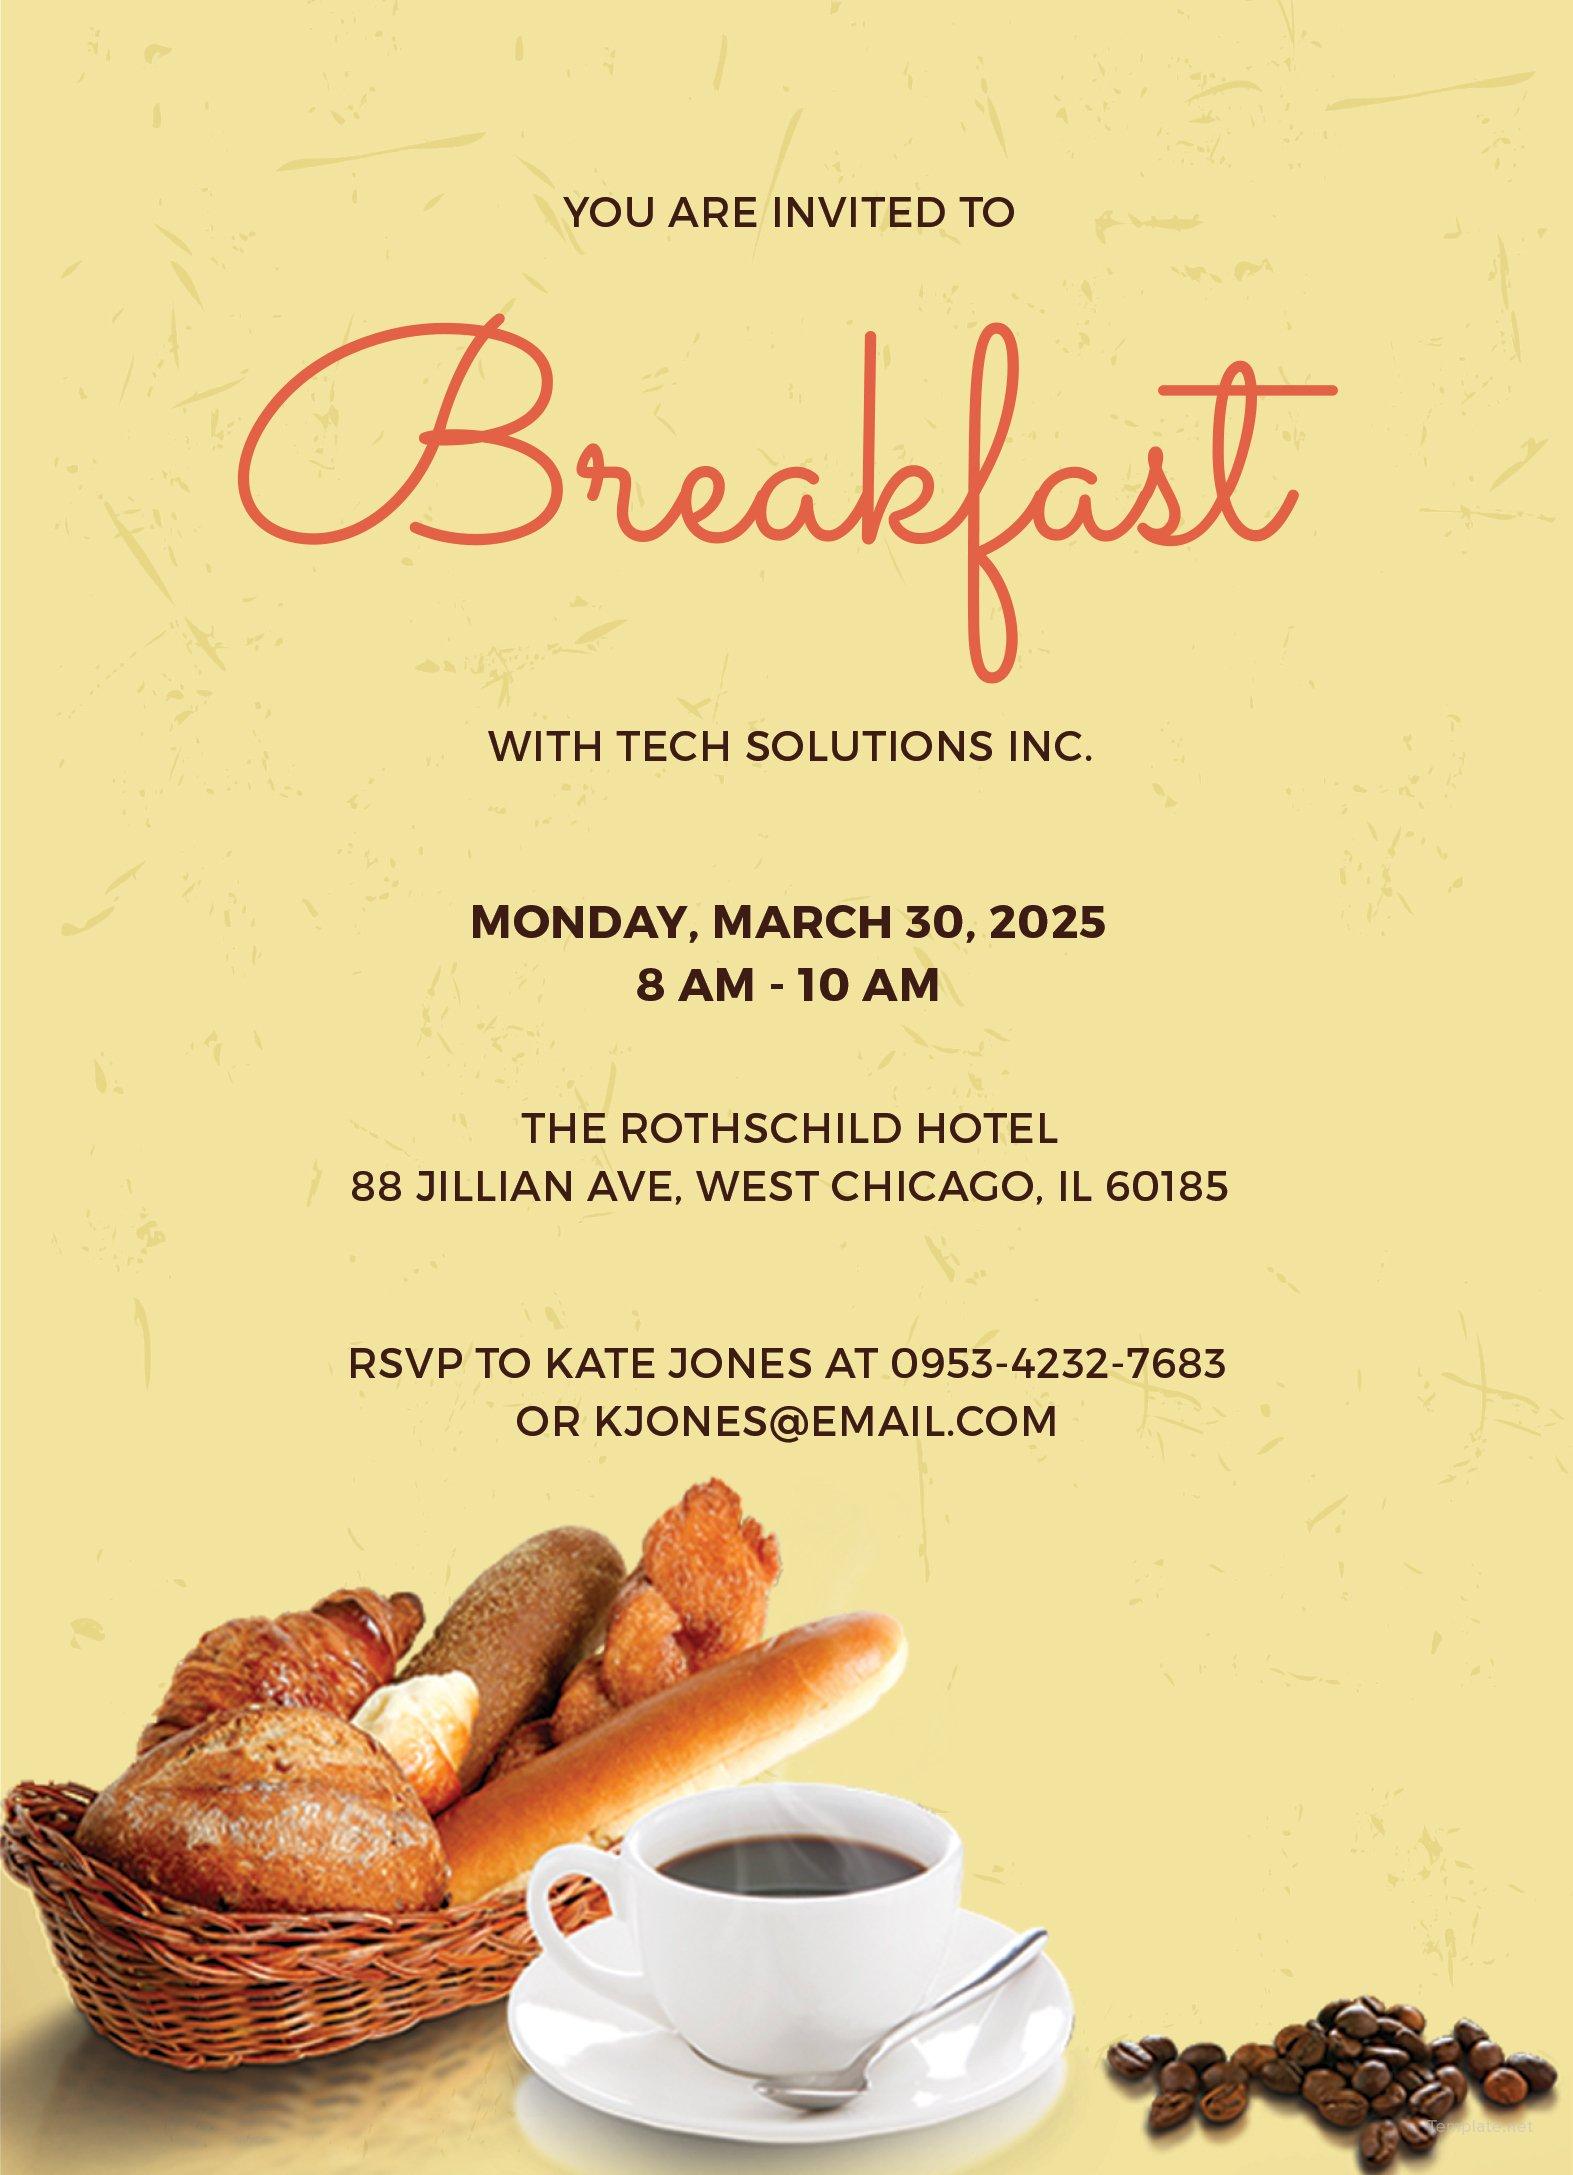 Free Company Breakfast Invitation Template in Adobe ...